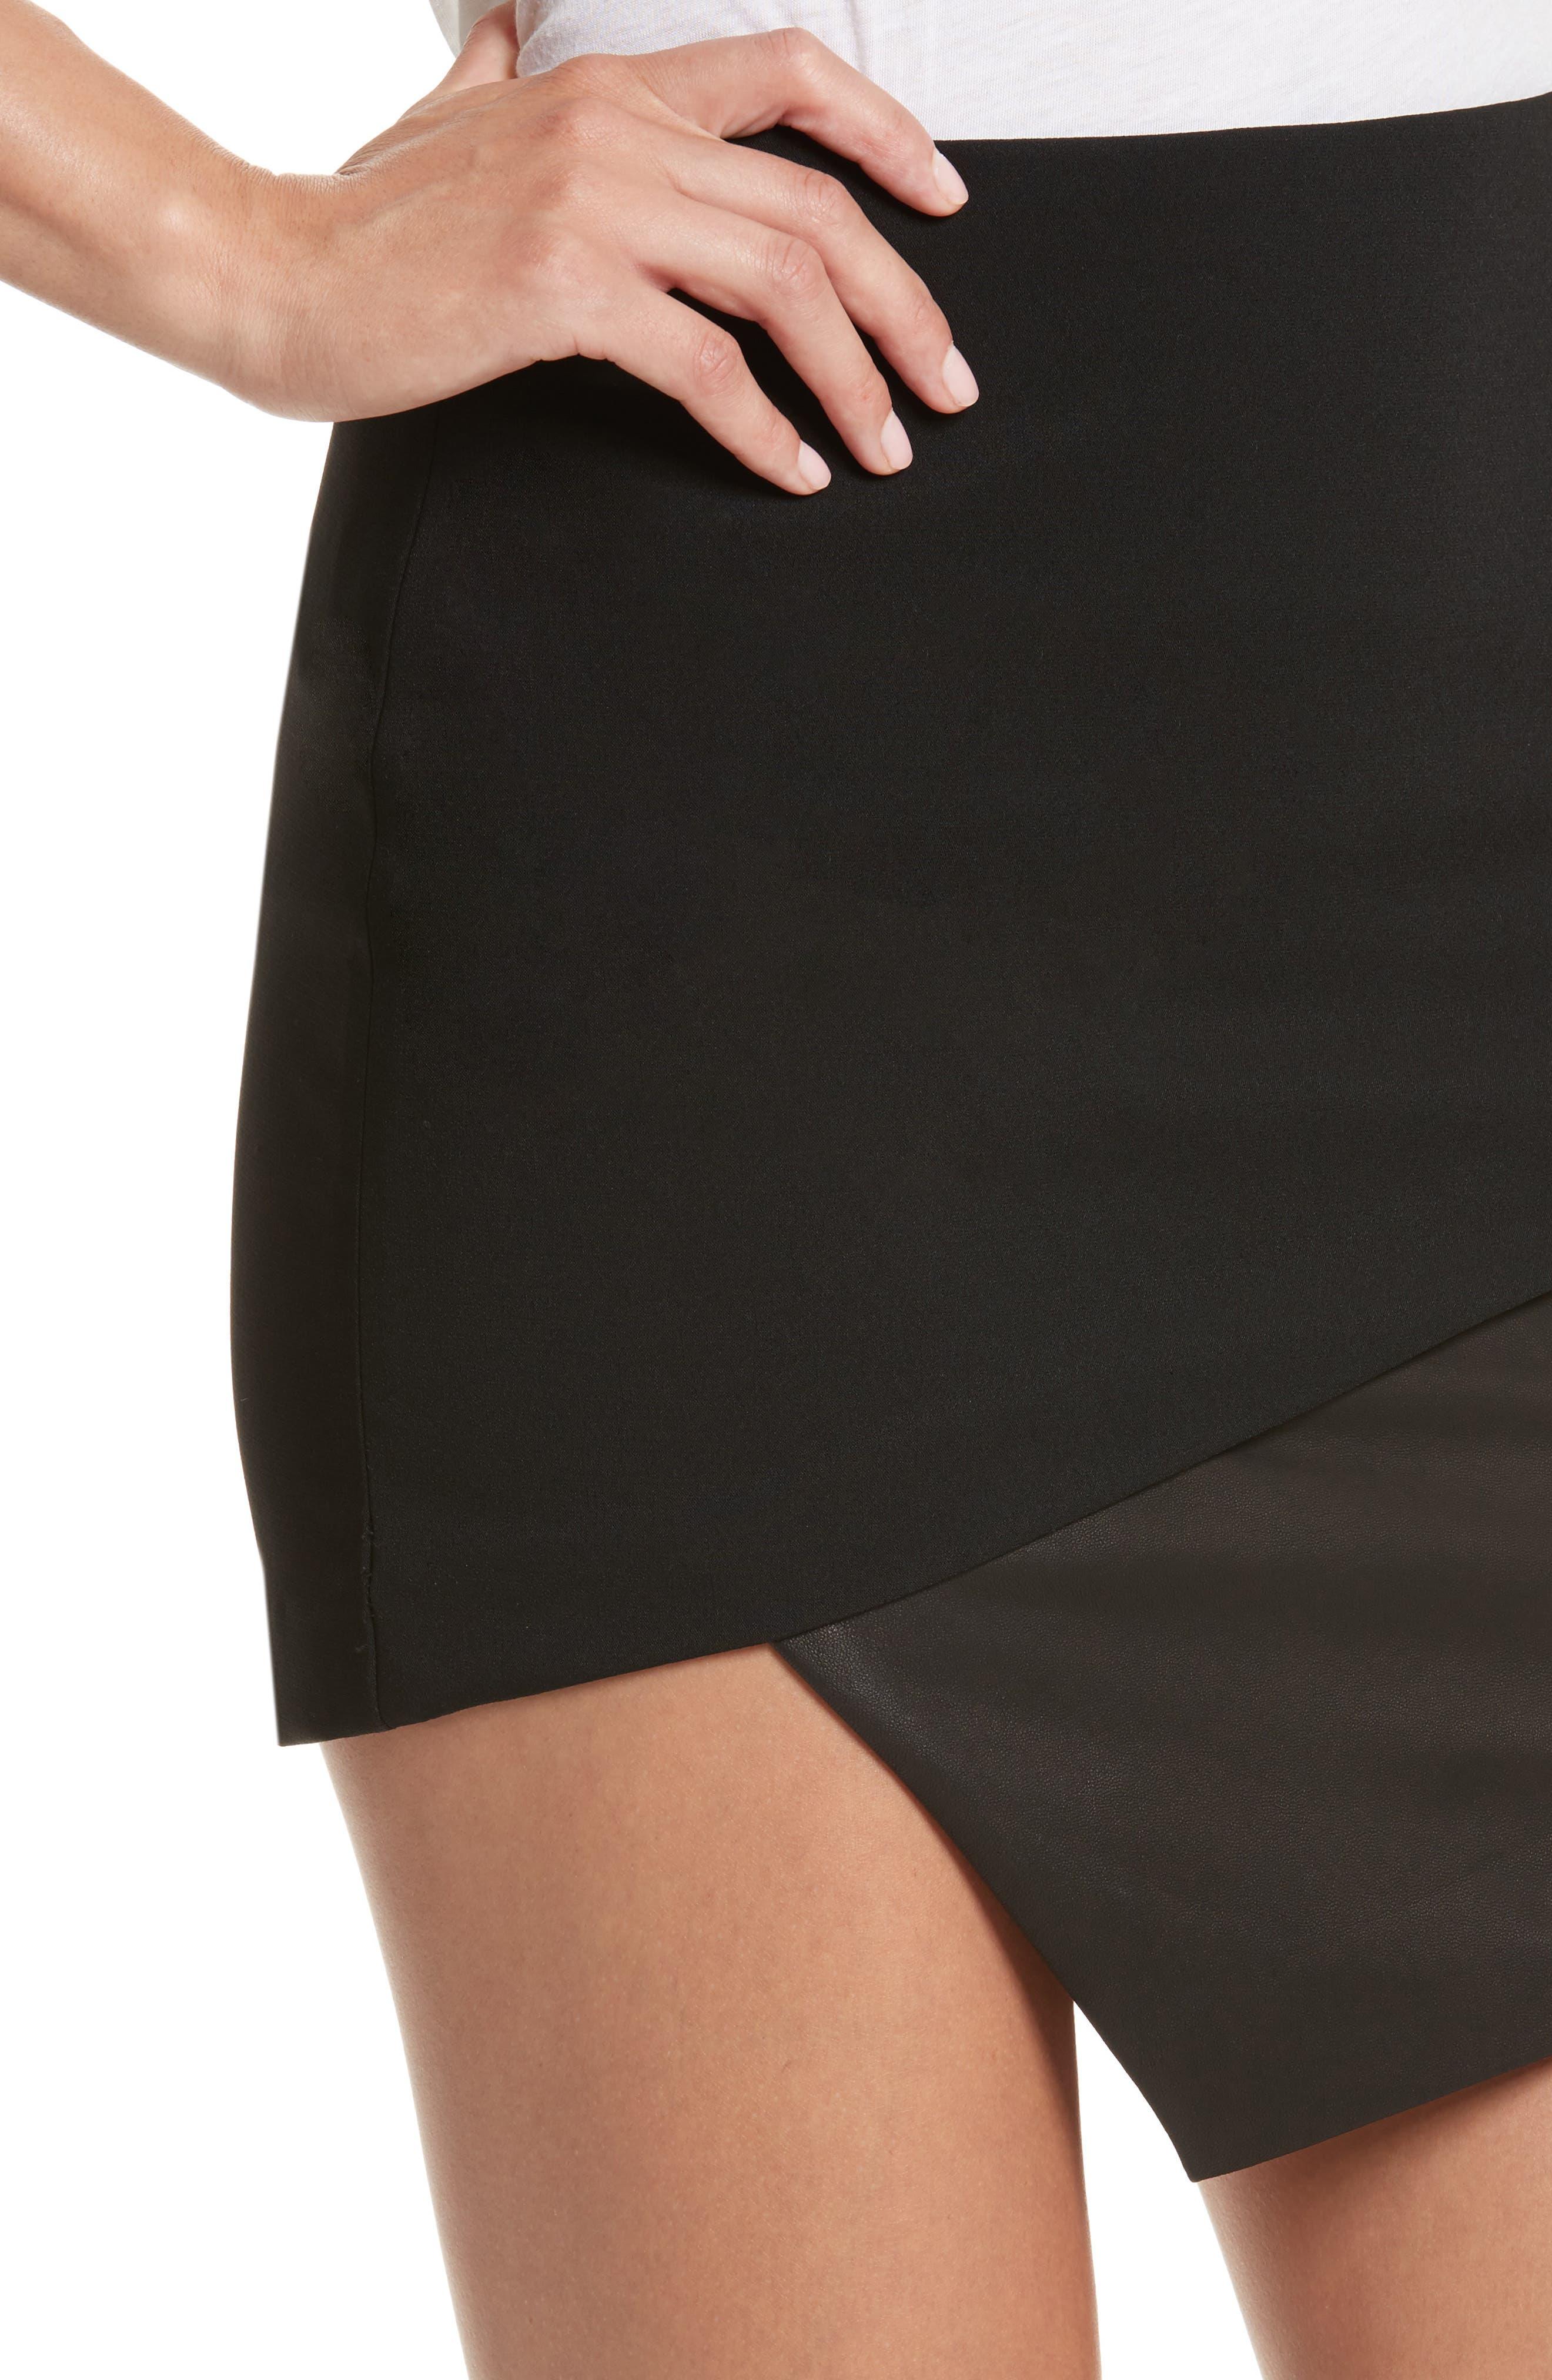 Dora Asymmetrical Miniskirt,                             Alternate thumbnail 4, color,                             001